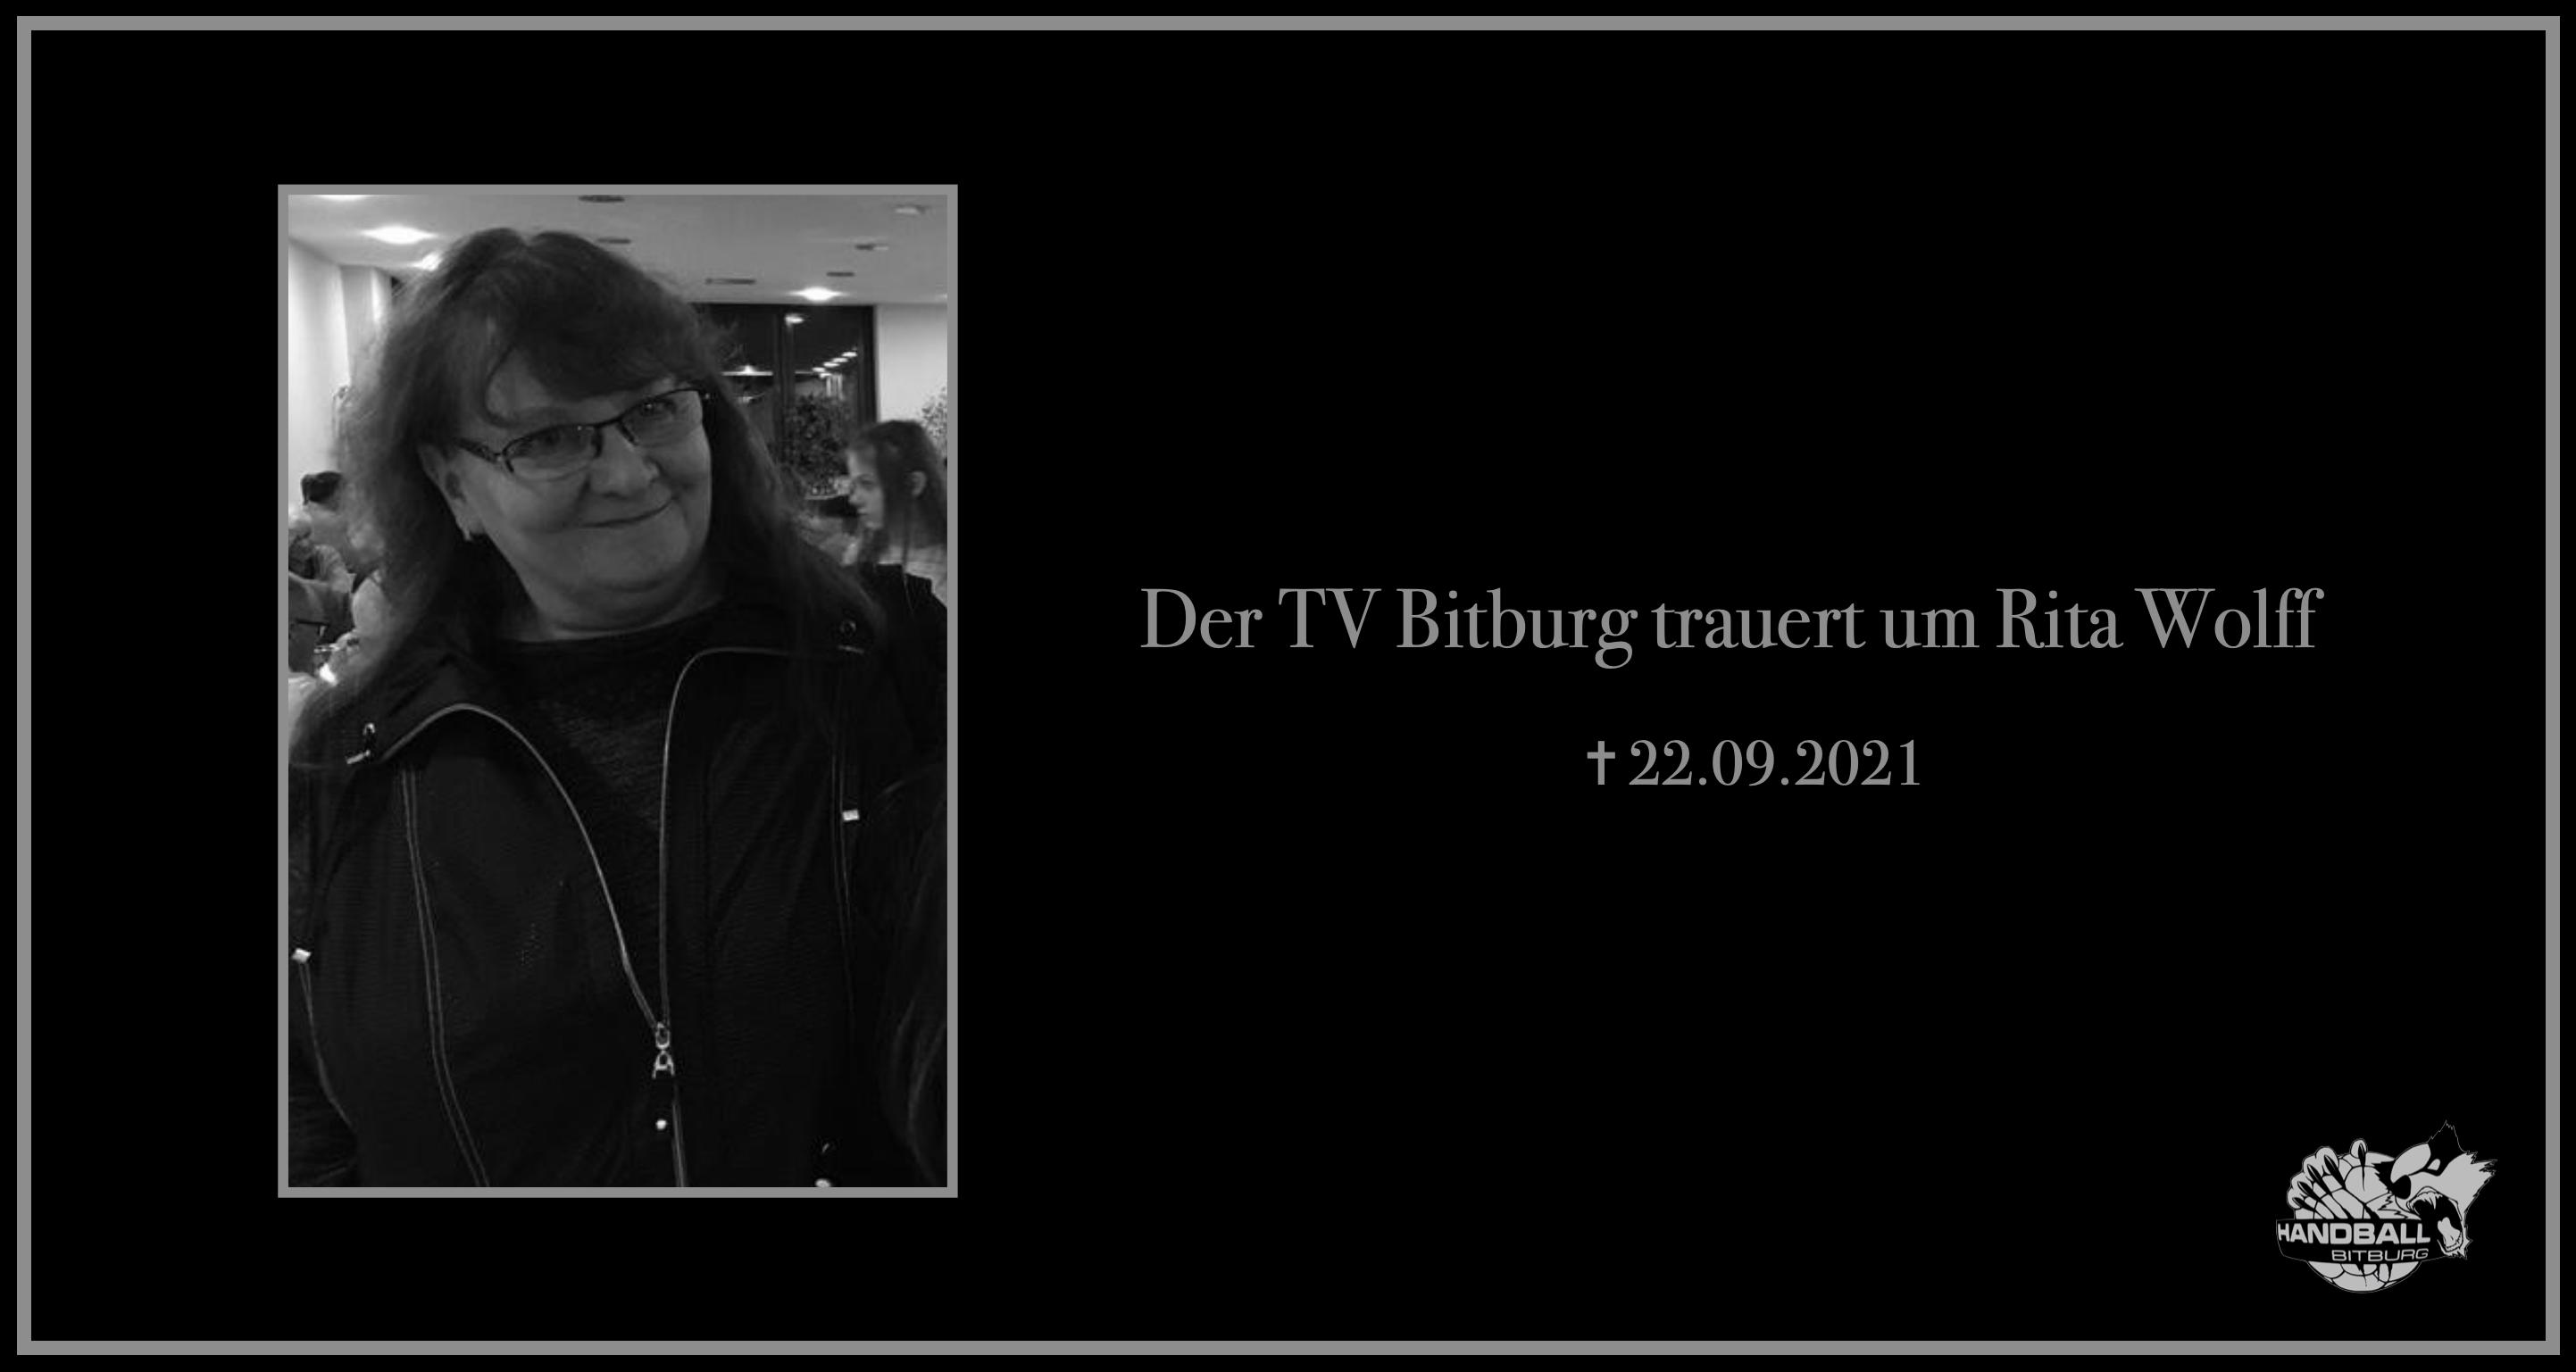 Der TV Bitburg trauert um Rita Wolff